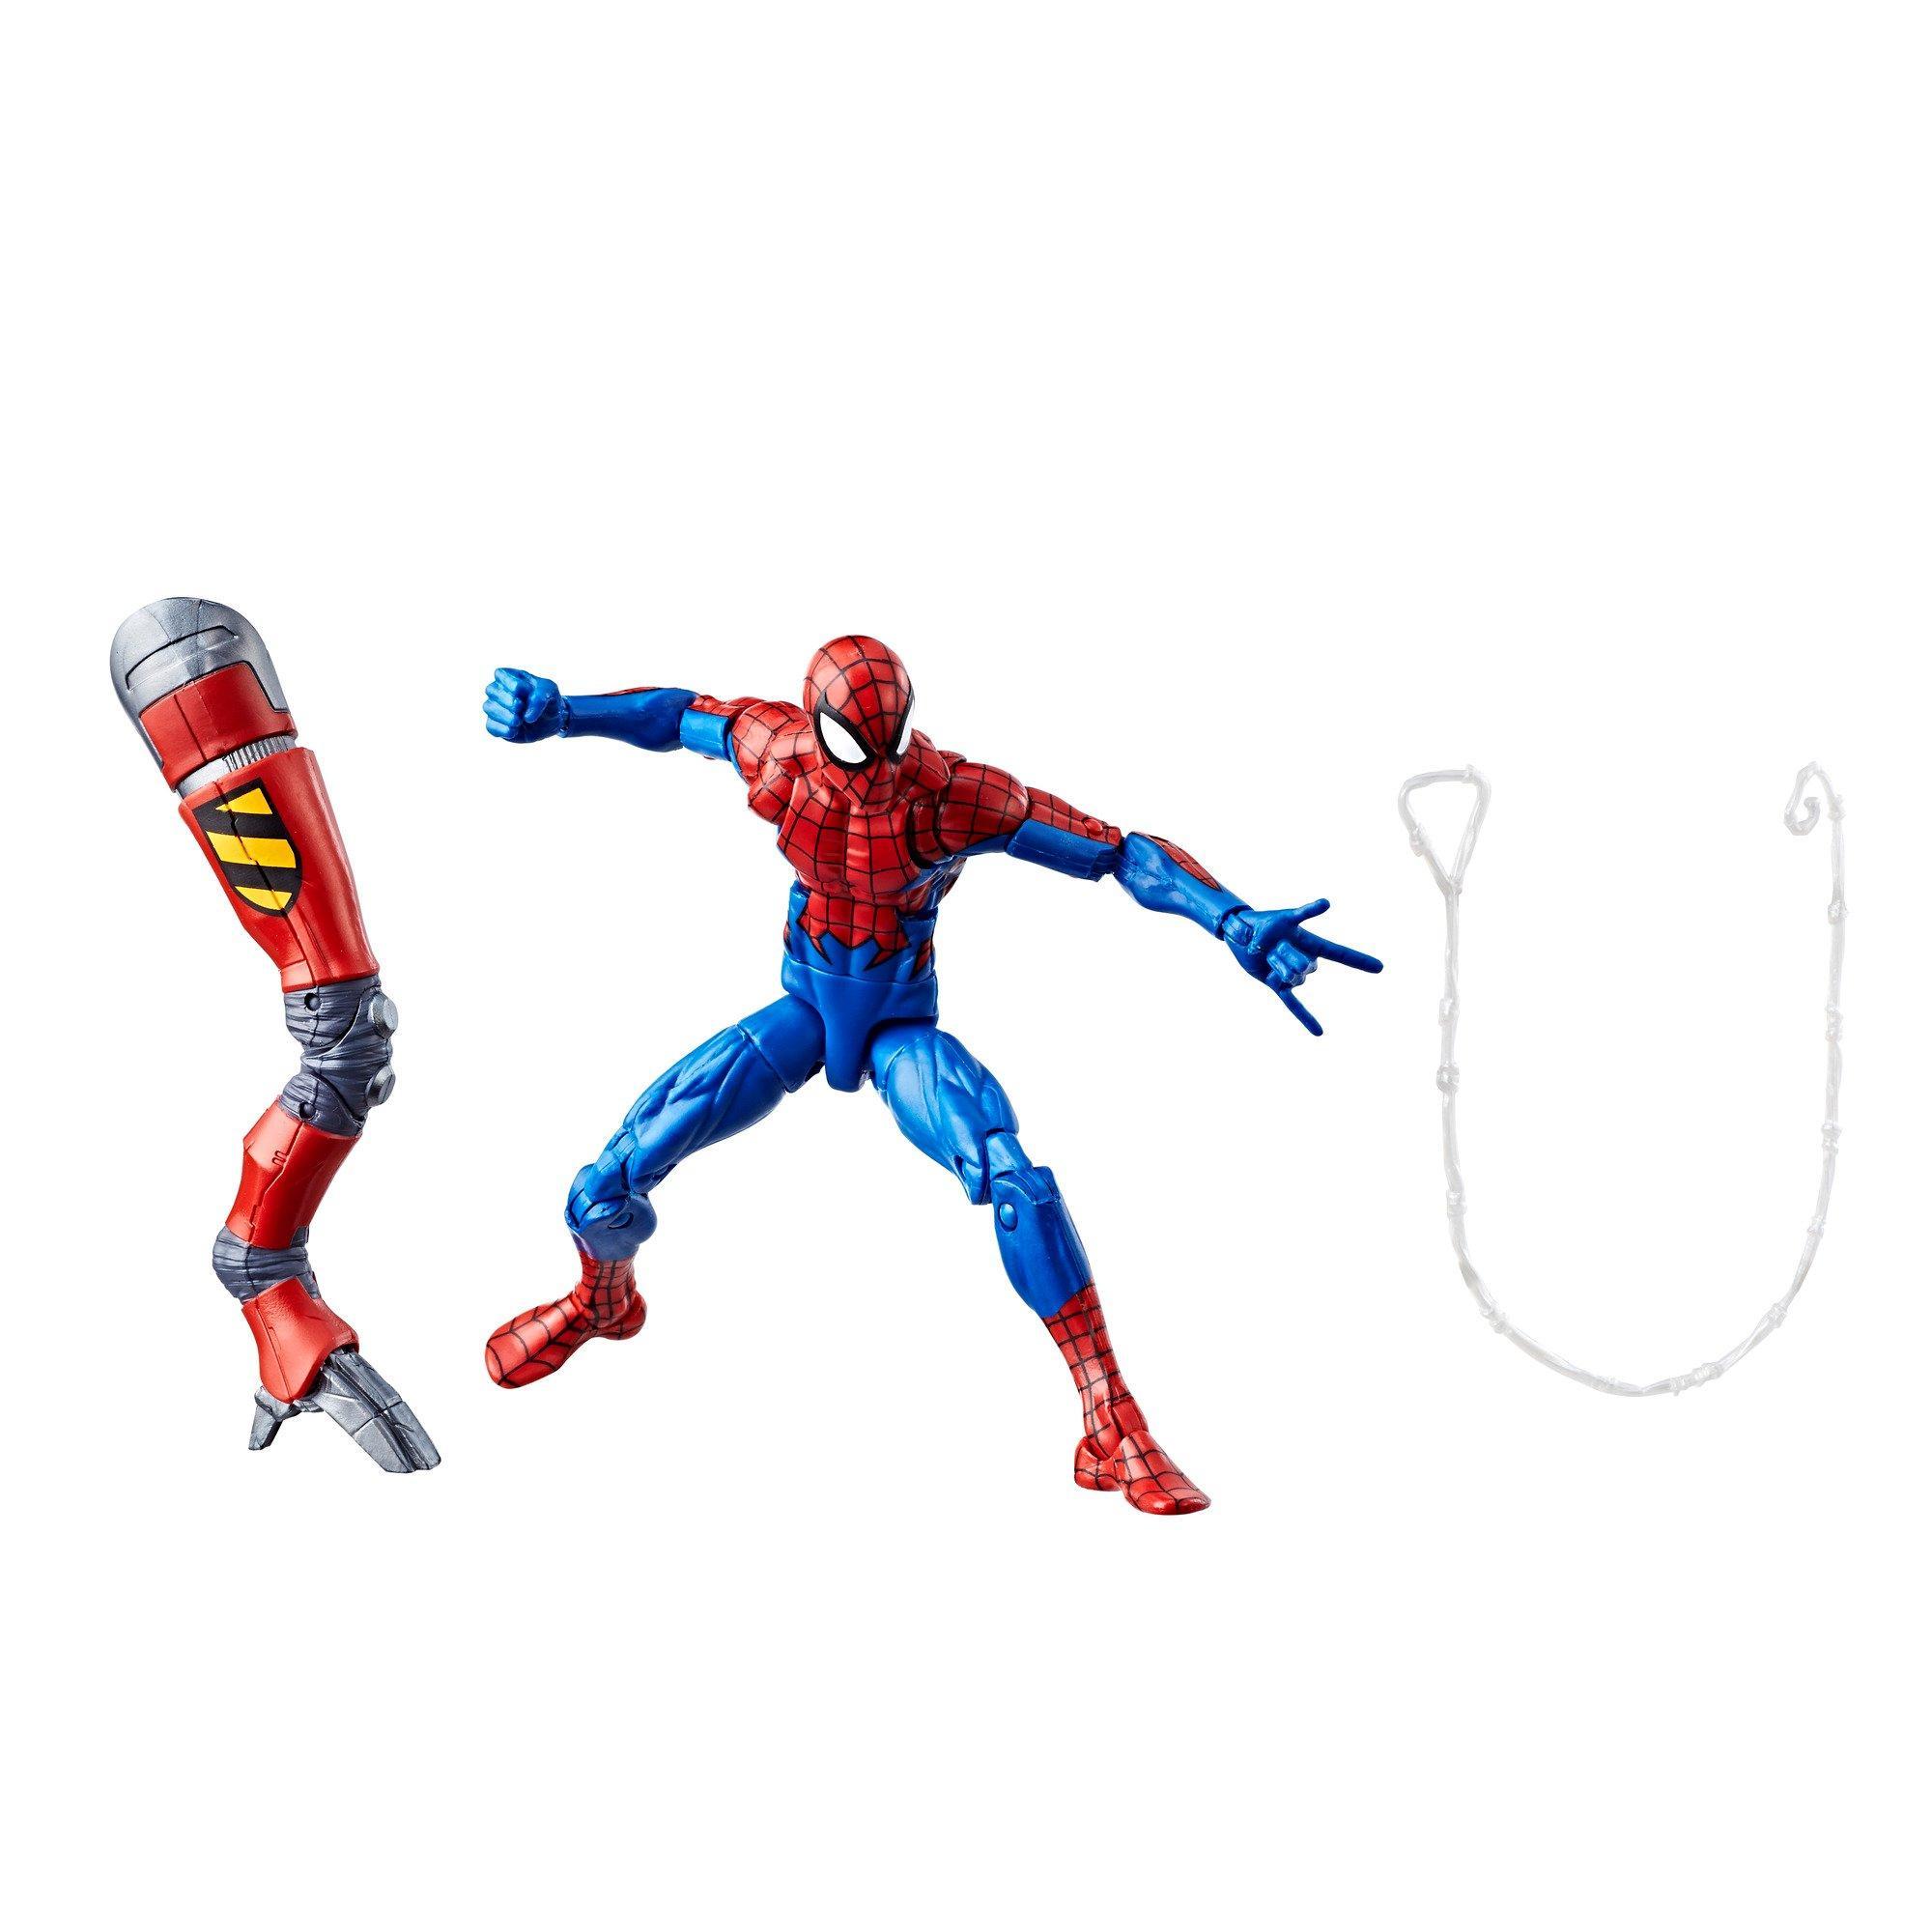 Marvel legends spider-man Série Spiderman SP //// Dr Spider BAF wave action figure